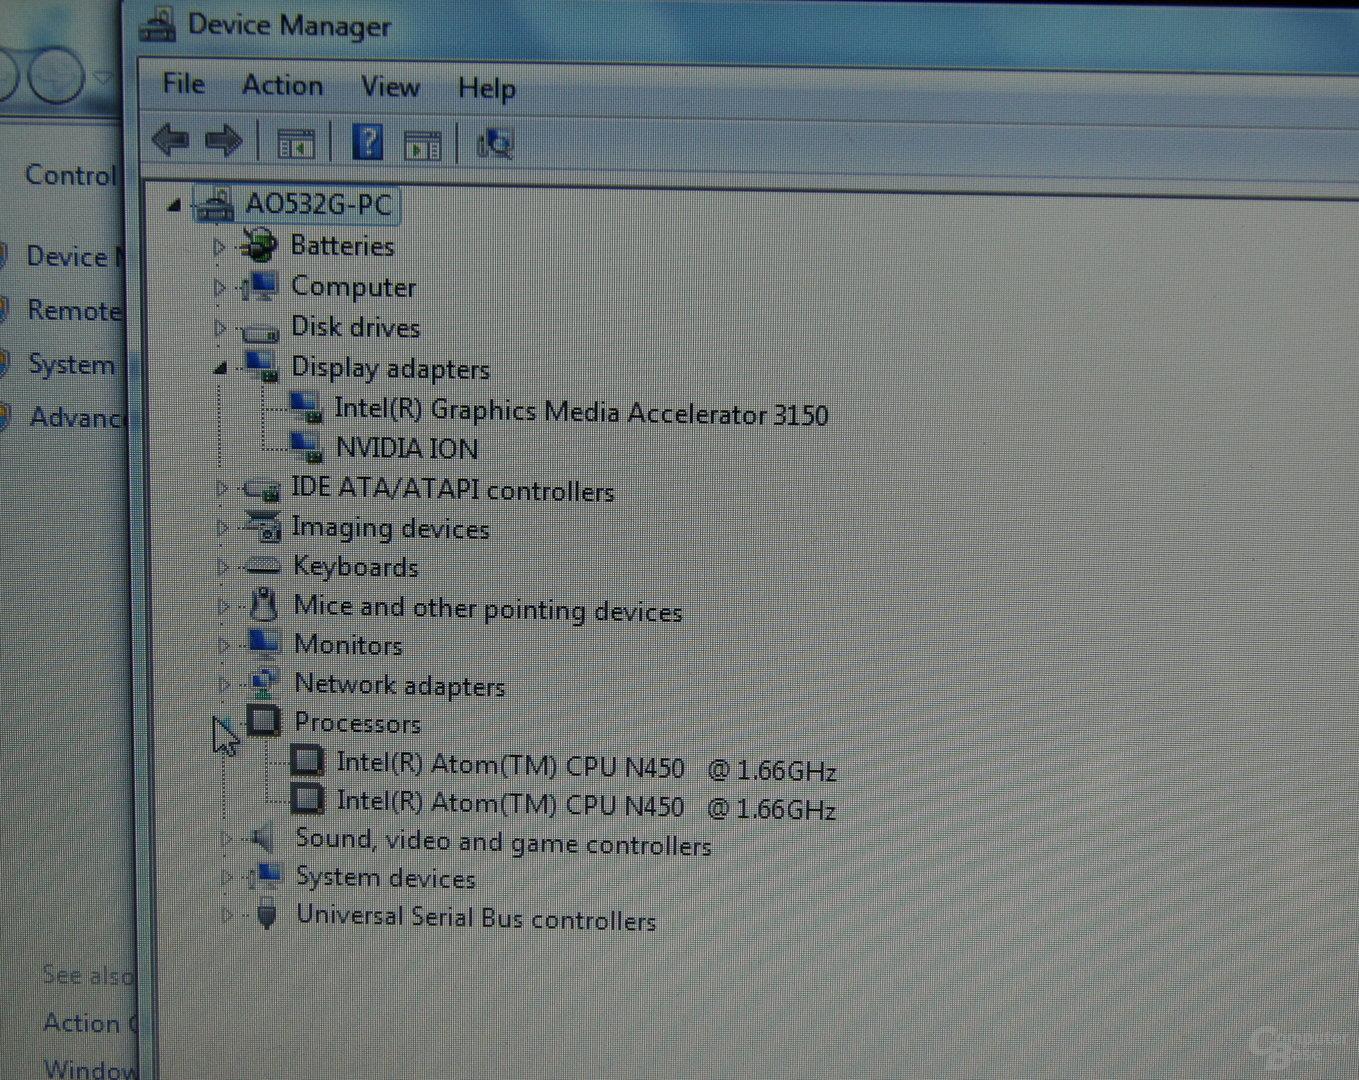 Acer Asprire One 532G